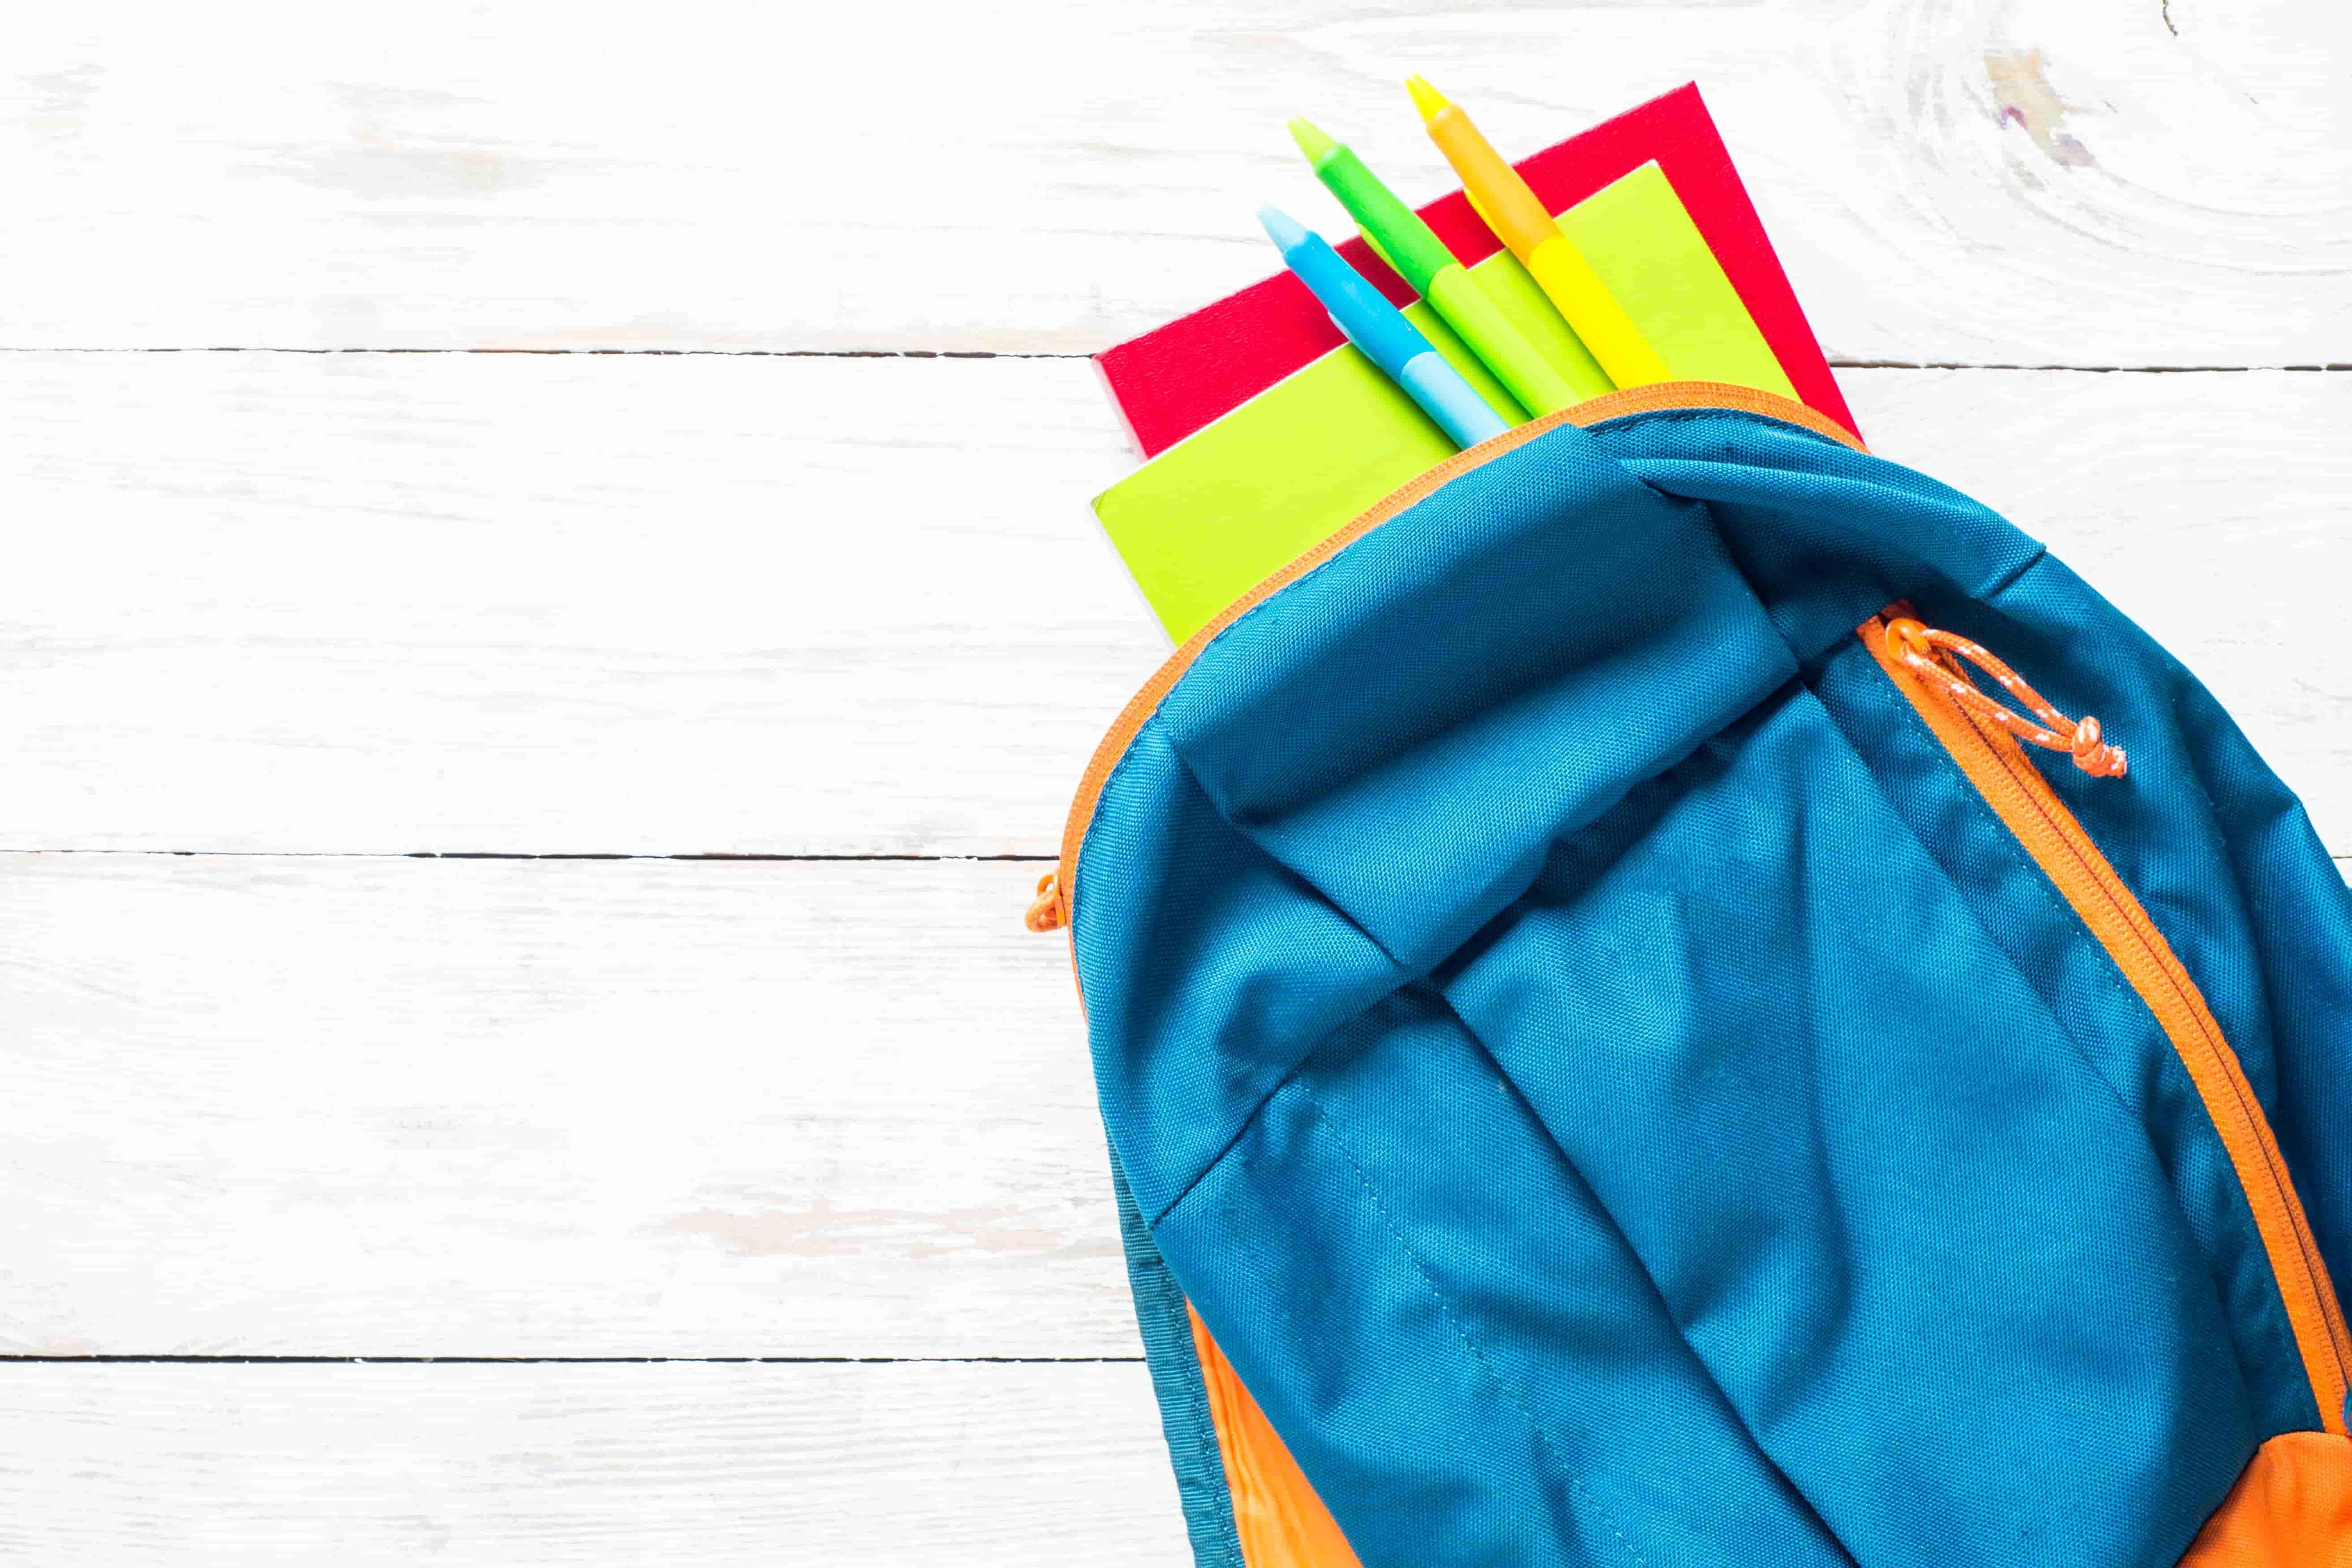 Fourniture scolaire pas cher mat riel d 39 cole en ligne - Fourniture scolaire office depot ...